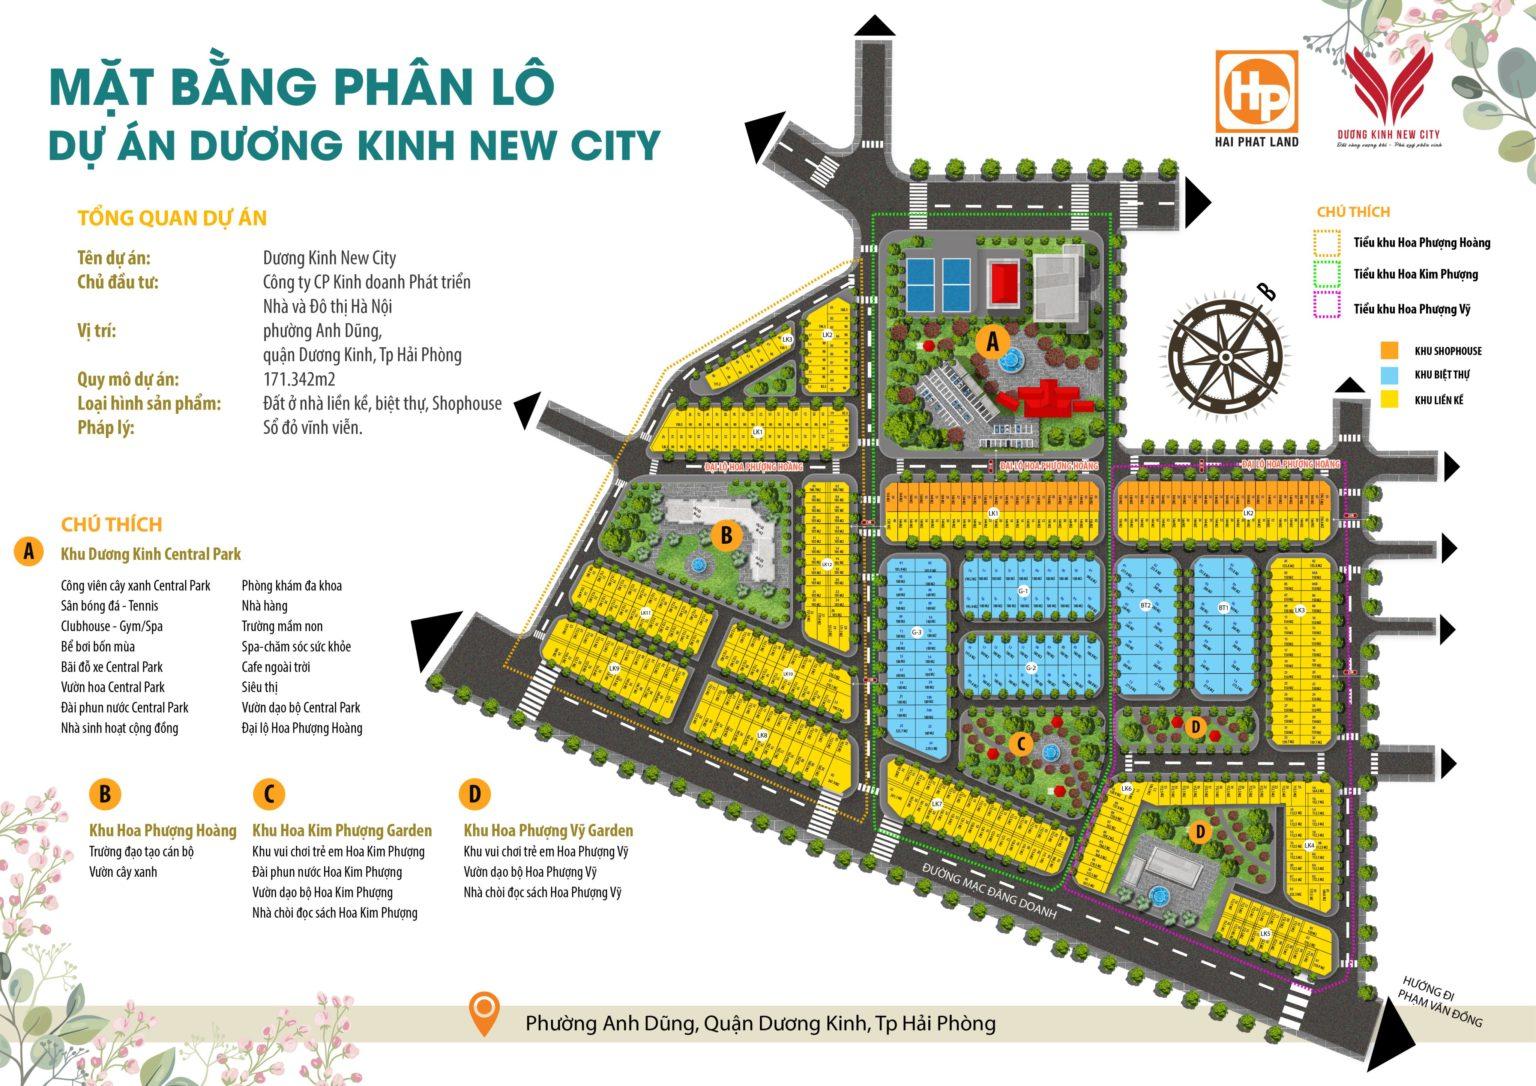 Mặt bằng phân lô dự án Dương Kinh New City Hải Phòng